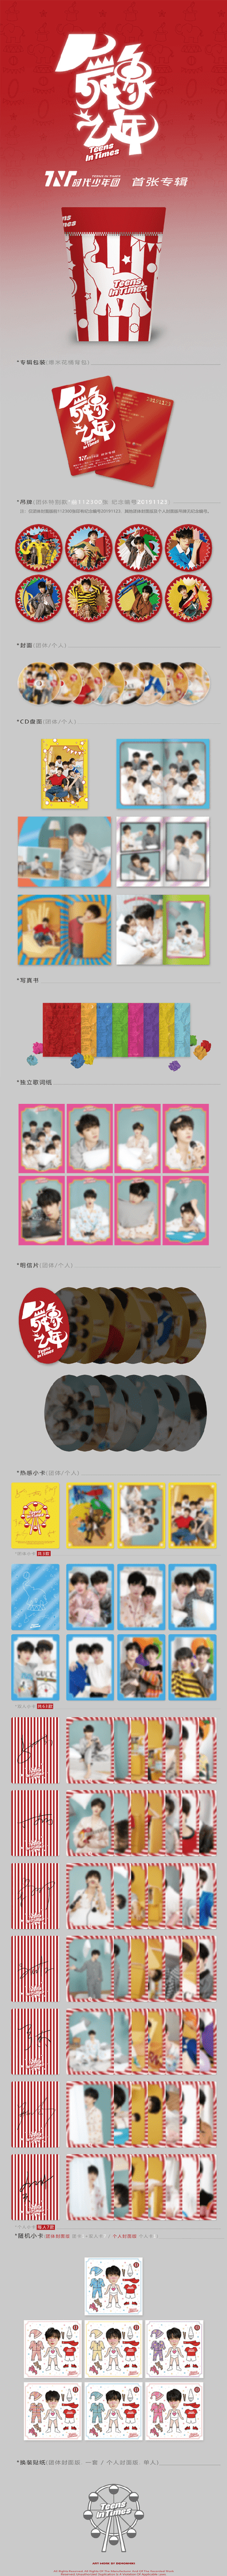 时代少年团《舞象之年》专辑配置公开 爆米花包包和小卡们全都要拥有!